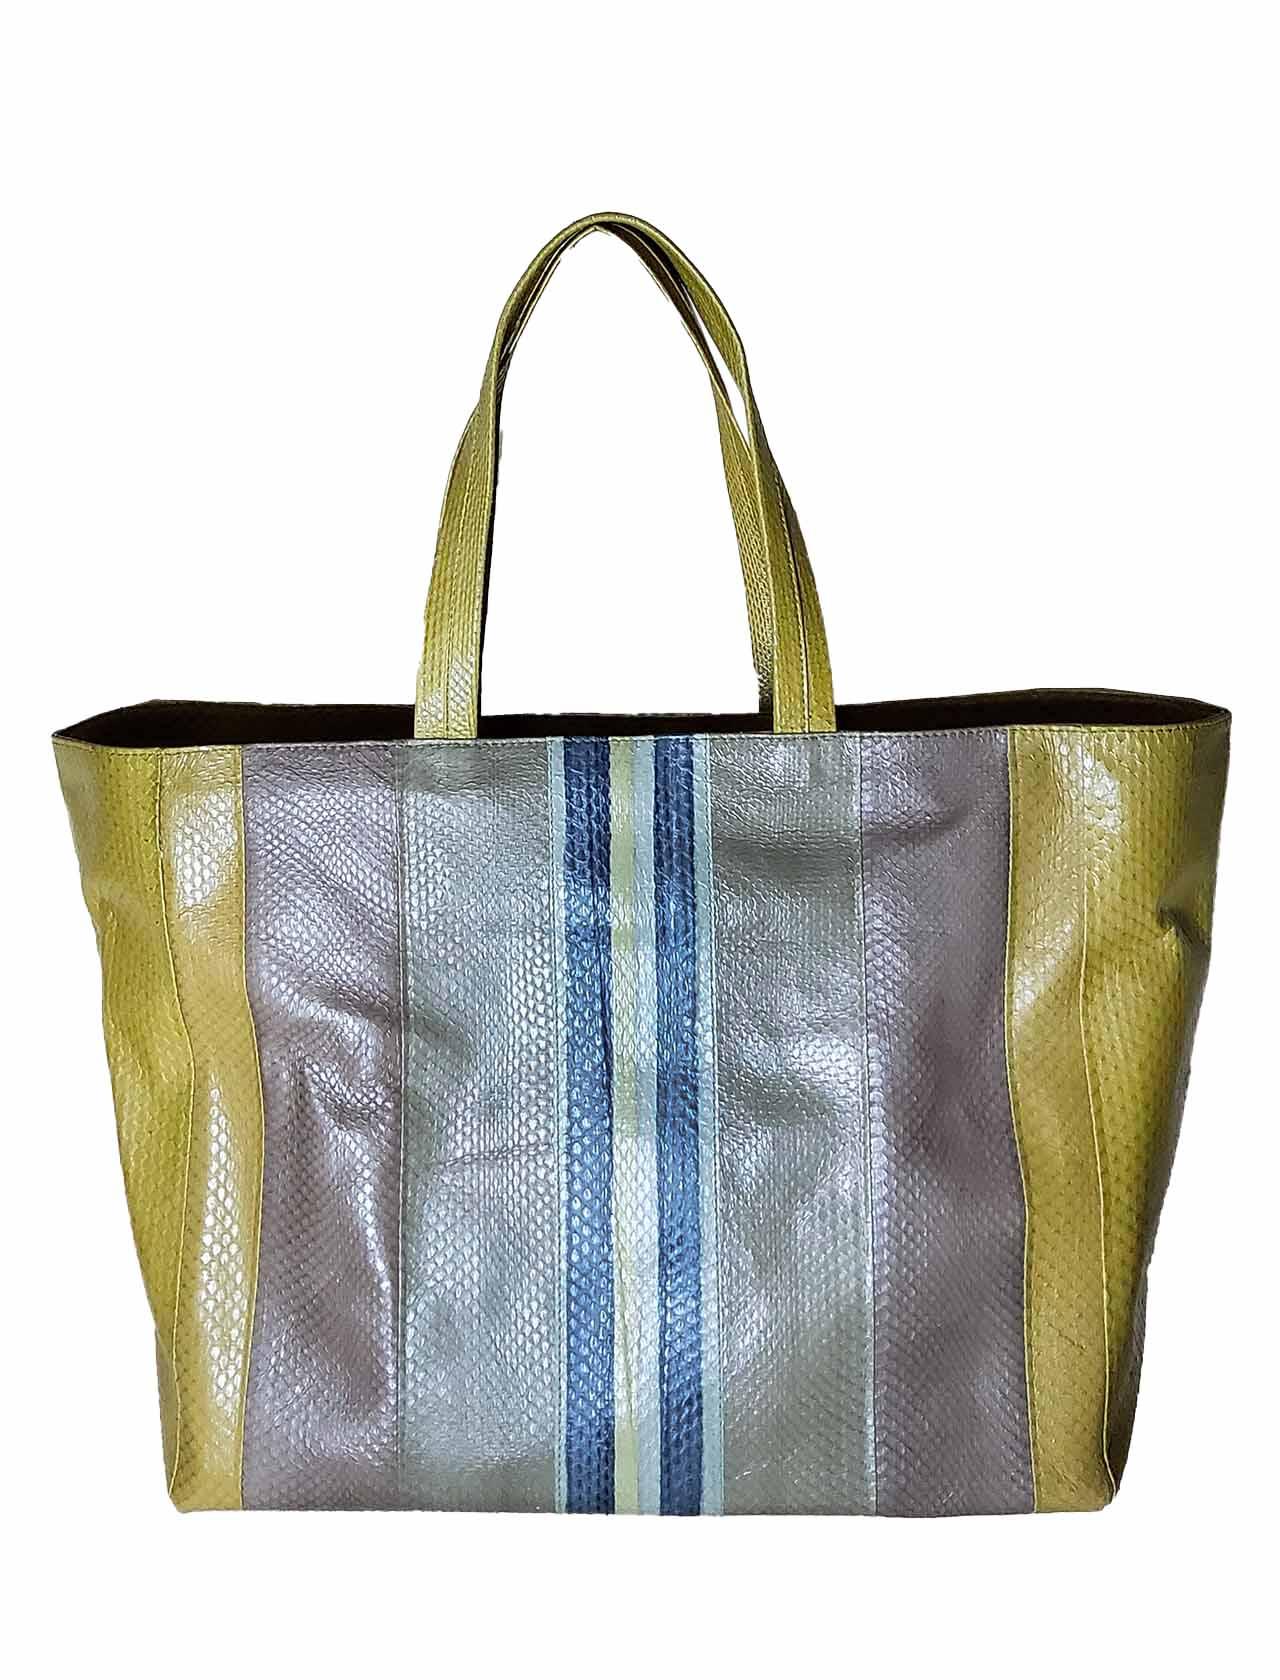 Borsa Donna Shopping Grande Exotic Stripes in Wips Blu e Verde Cedro Multicolore con Manici a Spalla in Tinta Maliparmi | Borse e zaini | BH02620142480B99